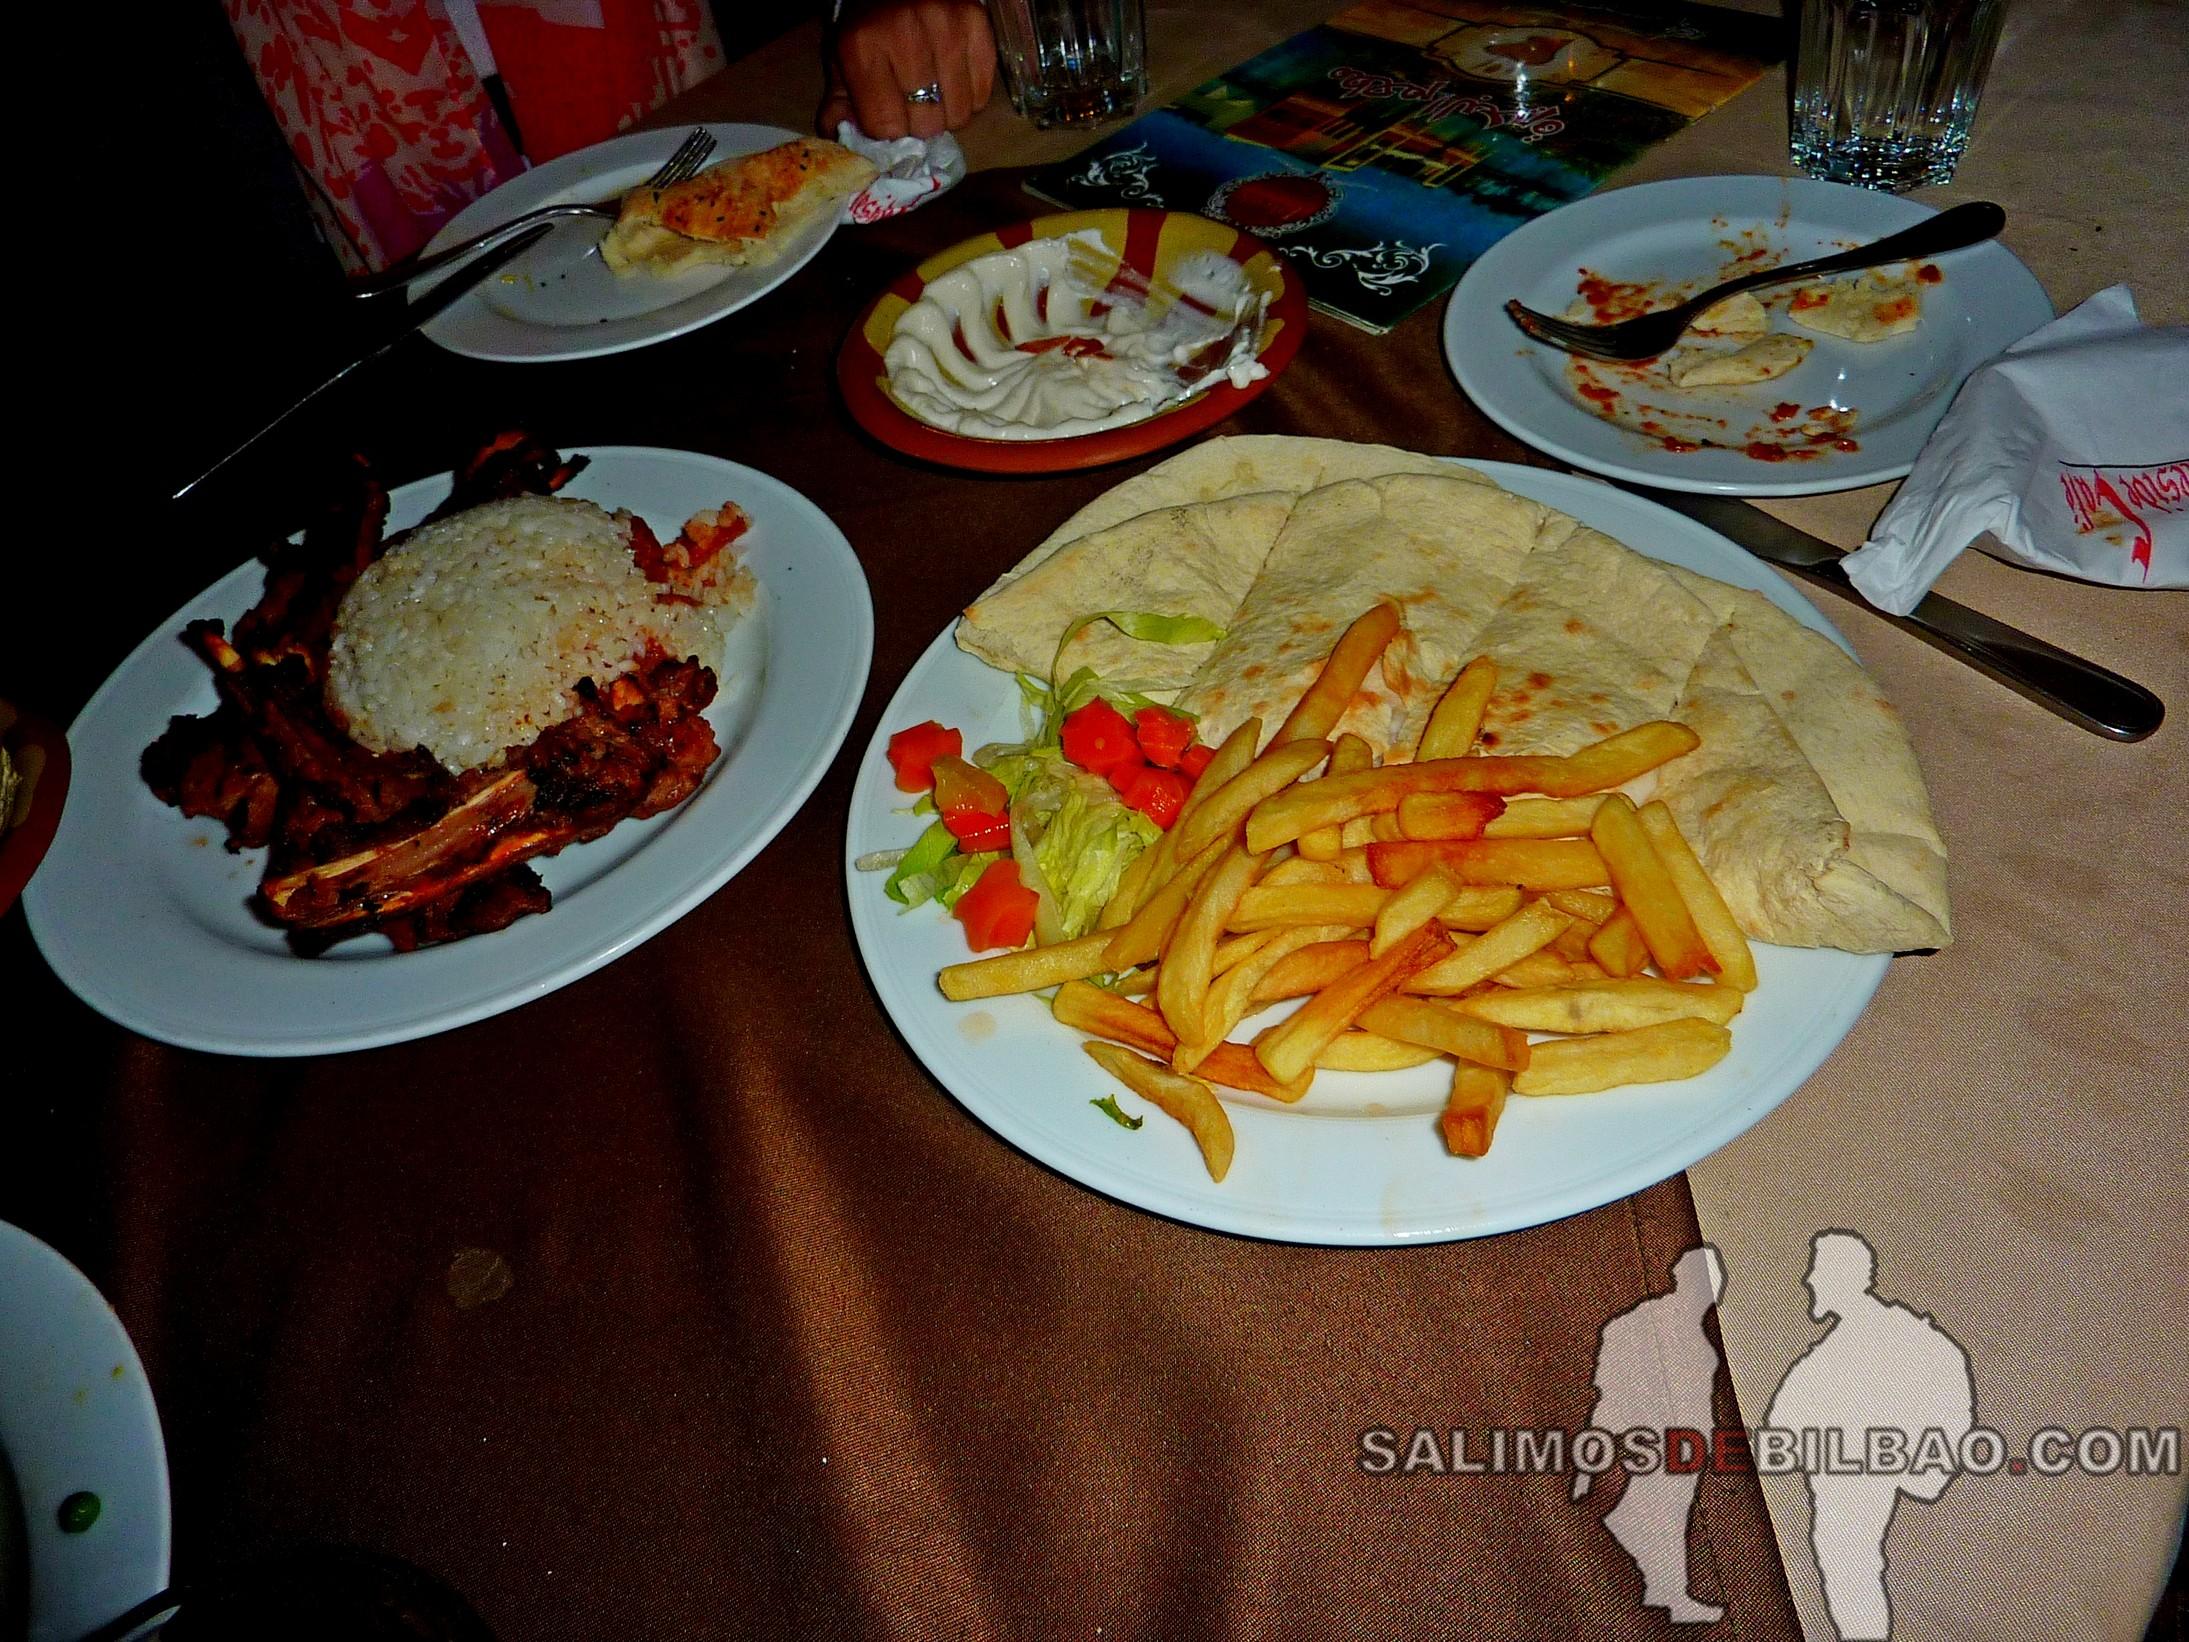 0391. Cena en el Restaurante Al-Qalaa, Parque Al-Azhar, Cairo